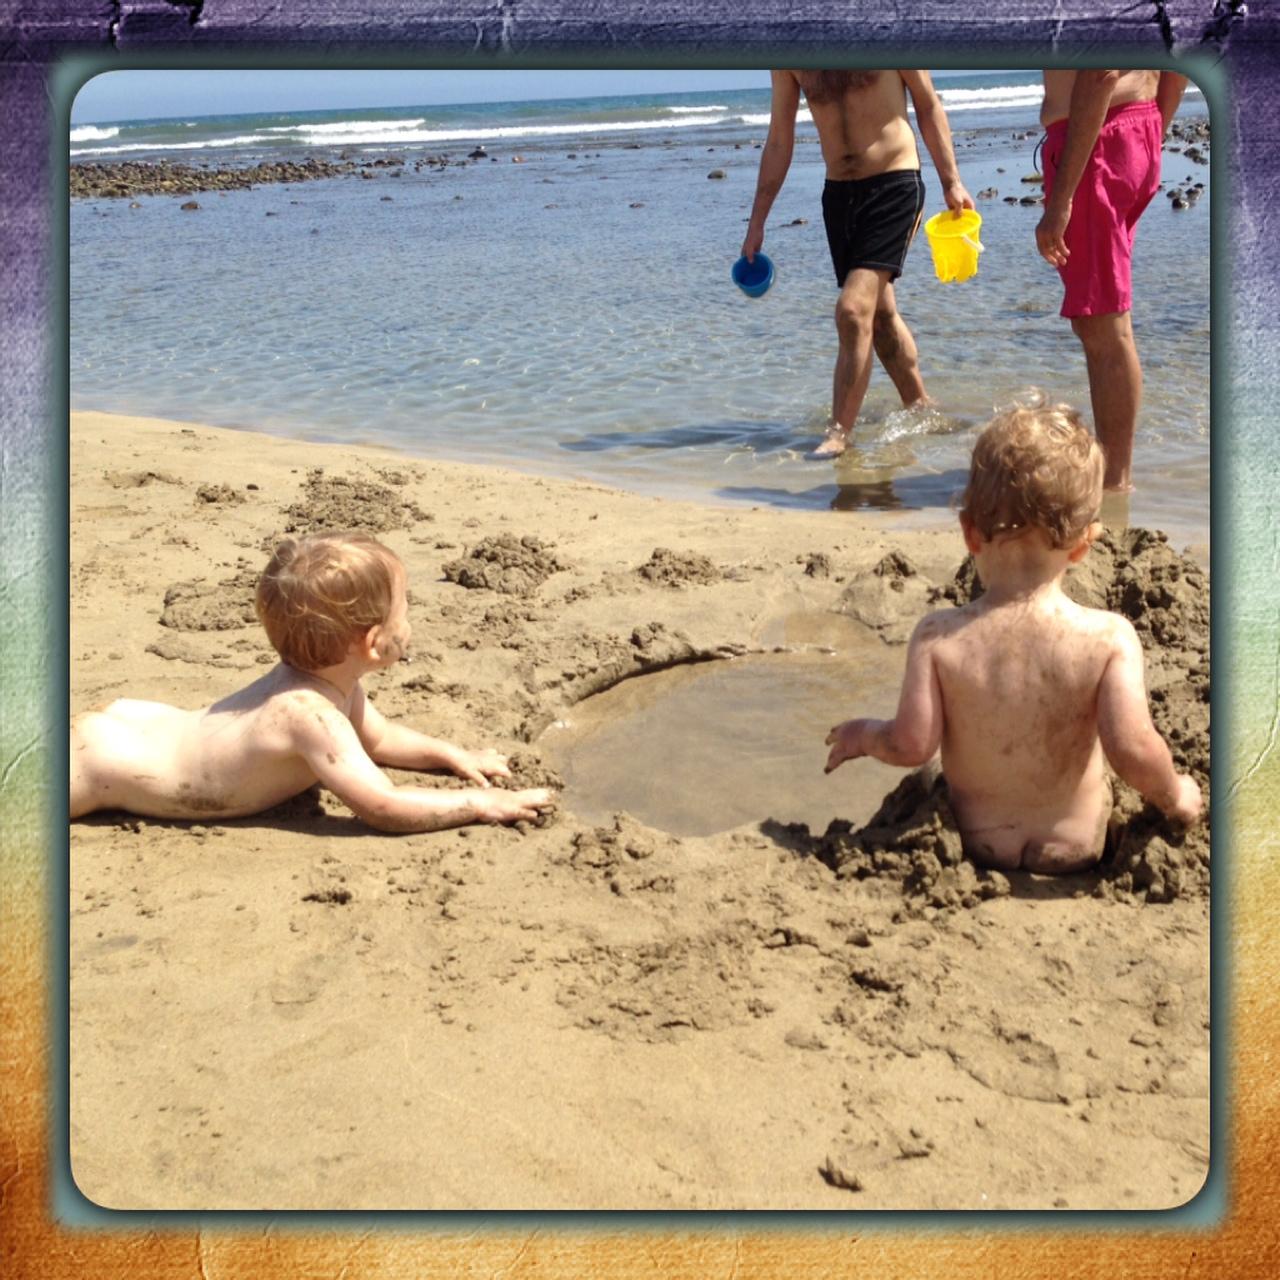 En la playa con mis bebés mellizos o gemelos. ¿Qué debo llevar?